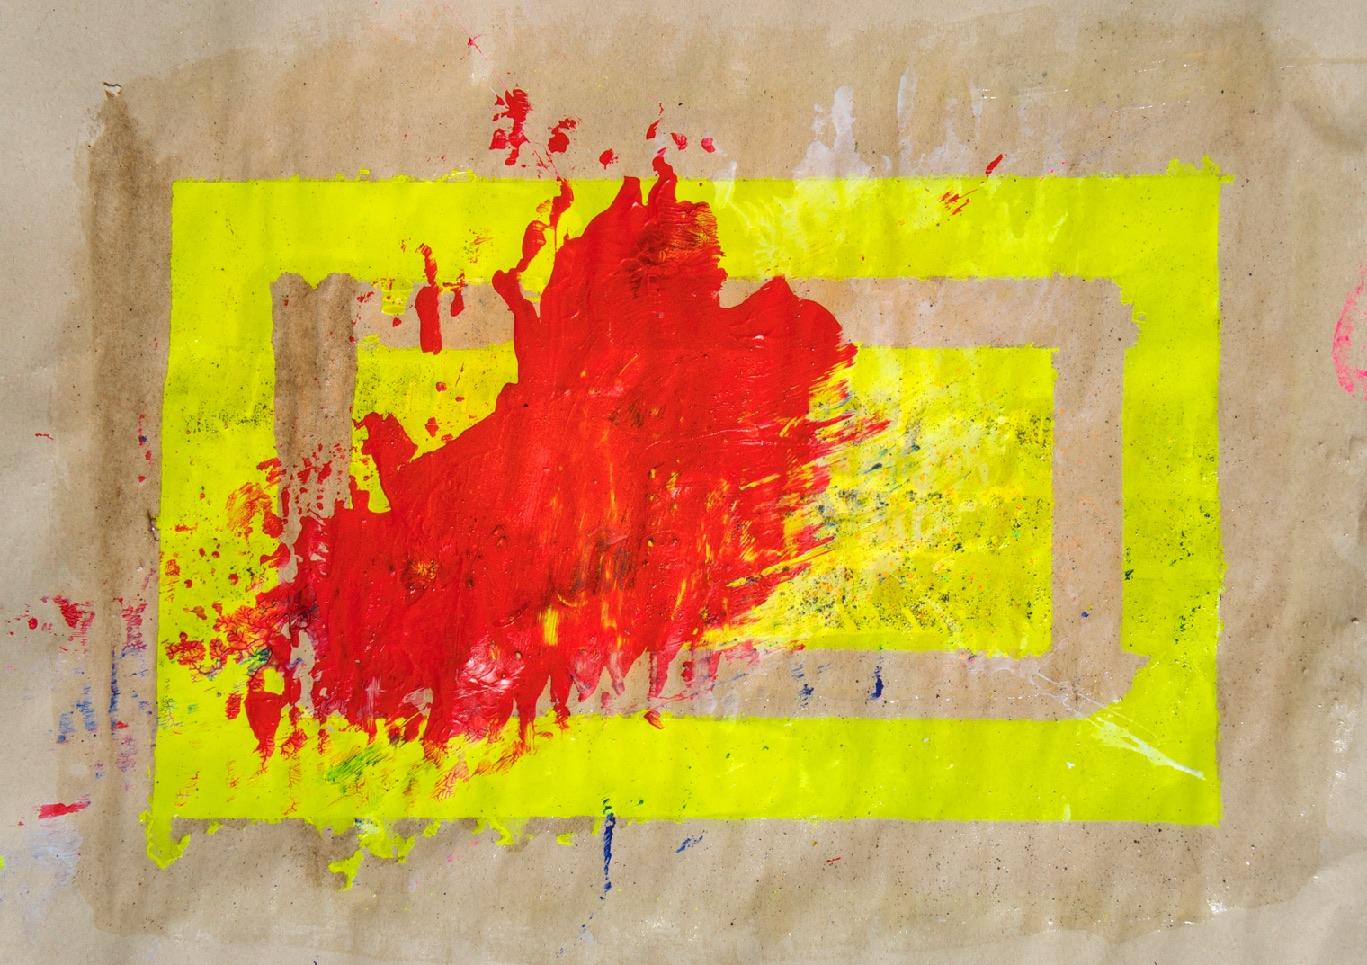 Sommer 2015 Theresa Kallrath KALLART Kunstakademie Düsseldorf 2015 ART Abstract ART Abstracte Kunst Modern Funky NEON LOVE PEACE 13